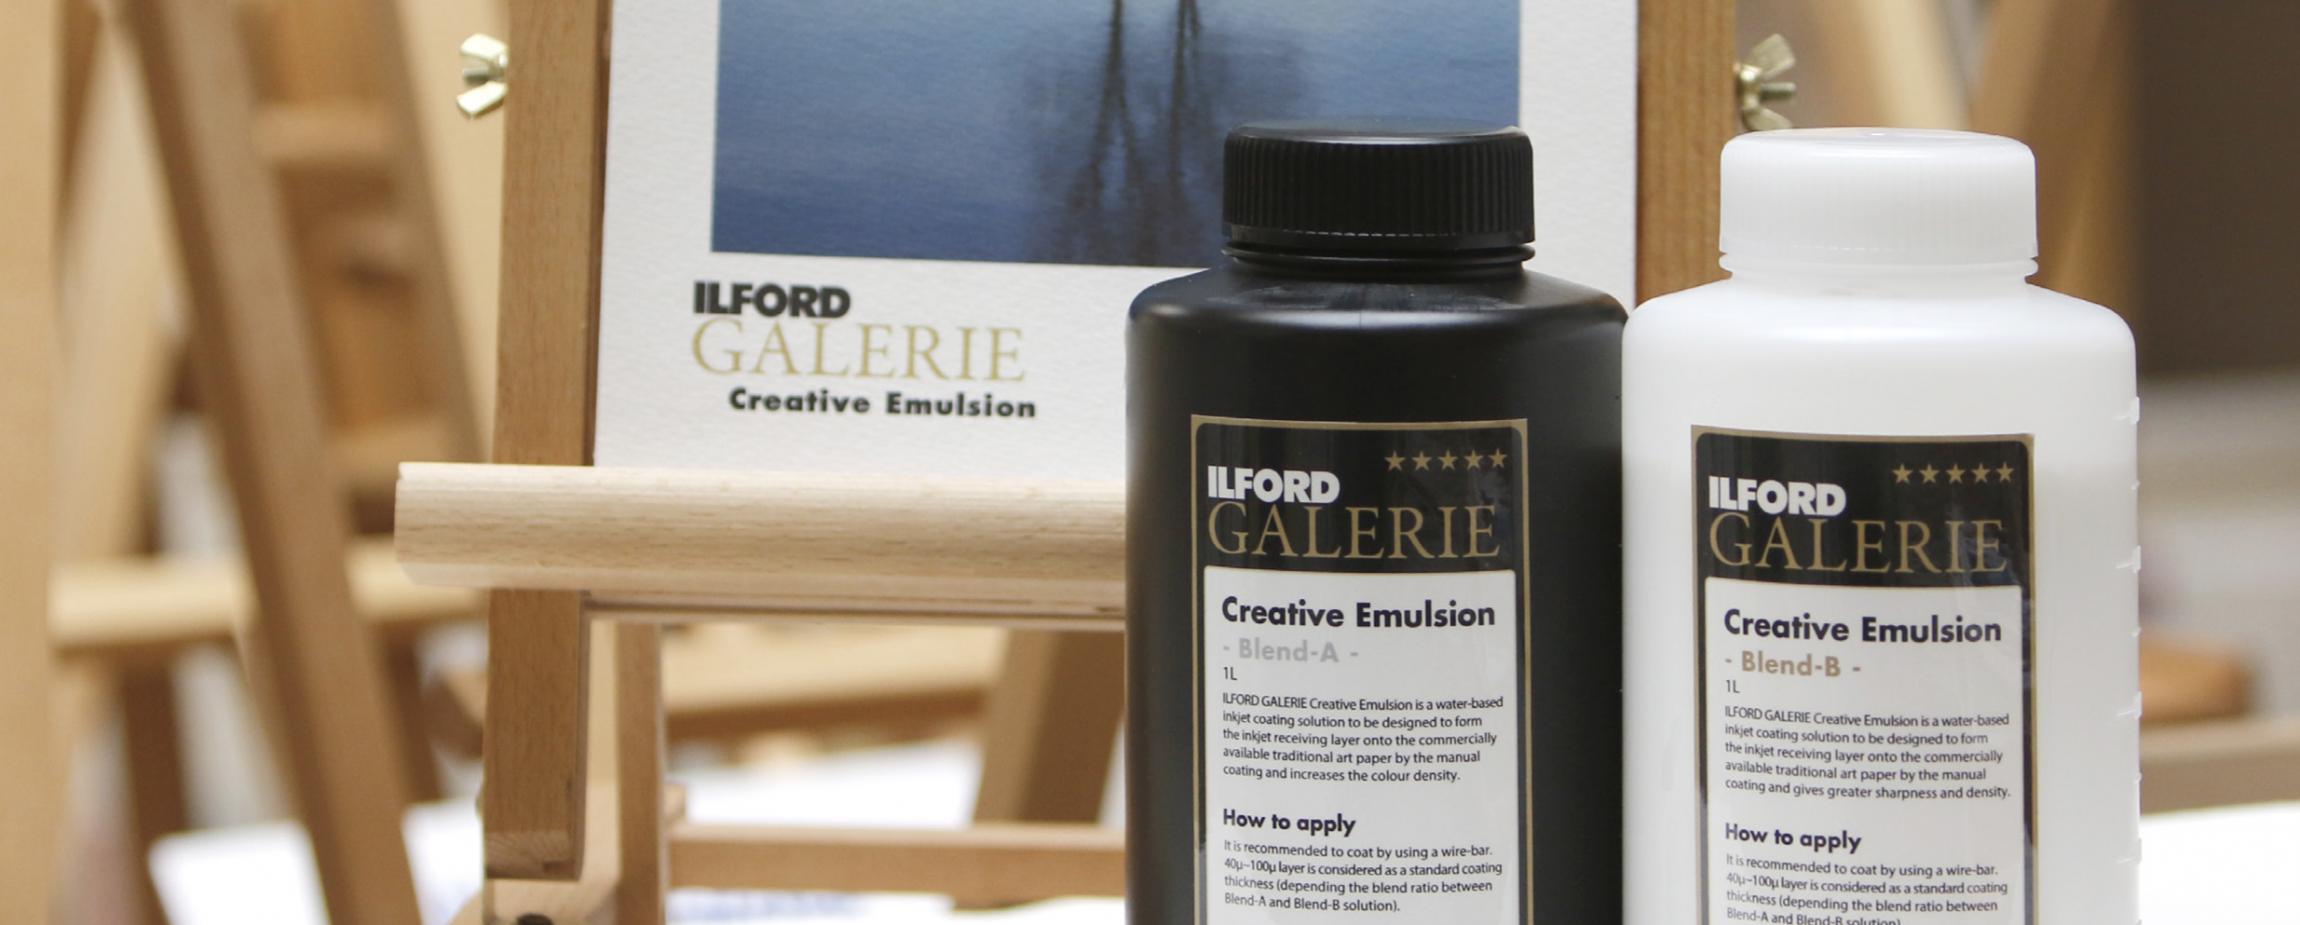 Ilford Creative Emulsion